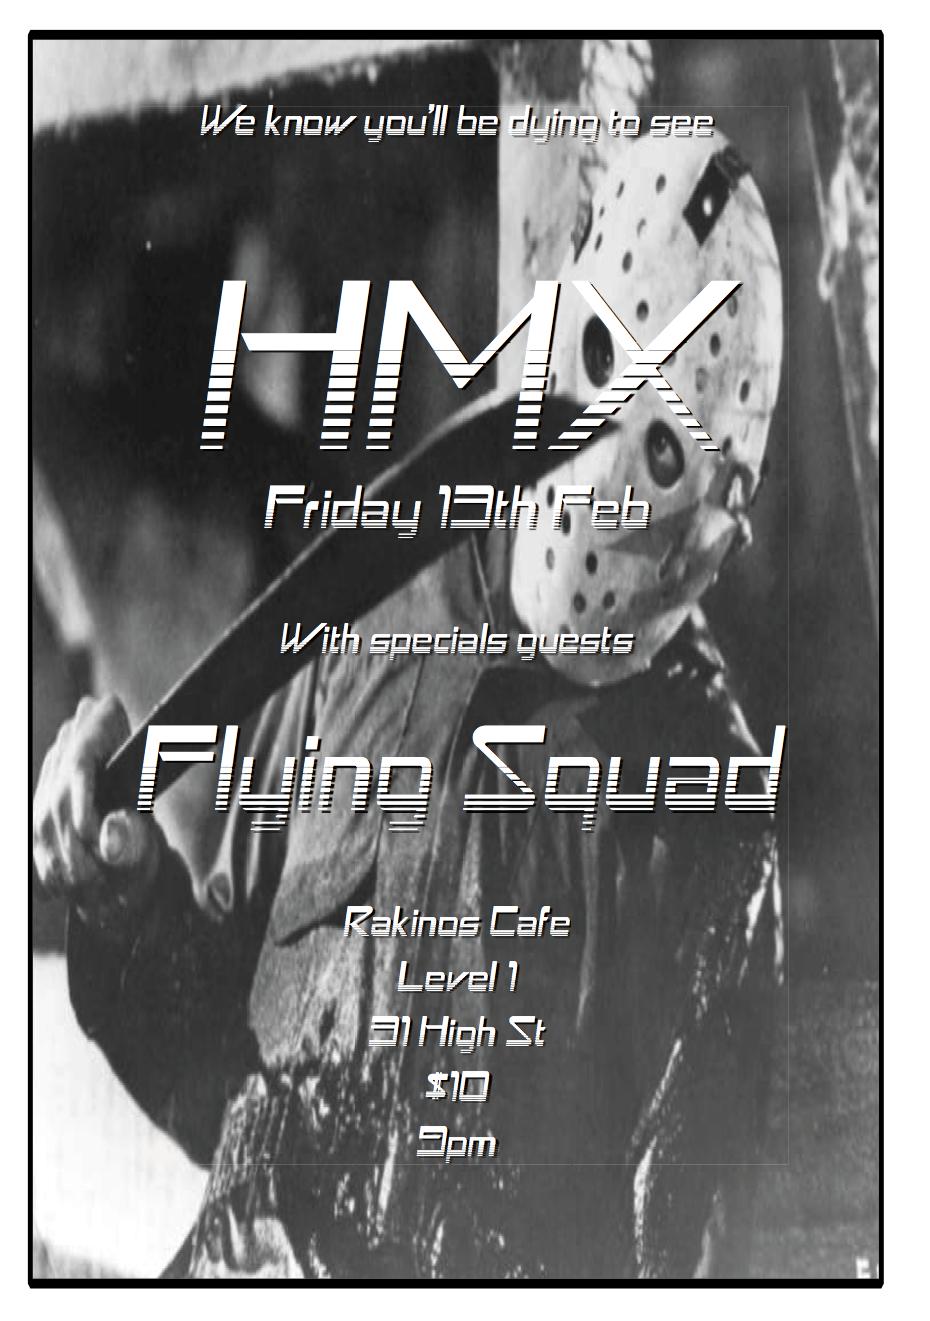 hmx-flyer